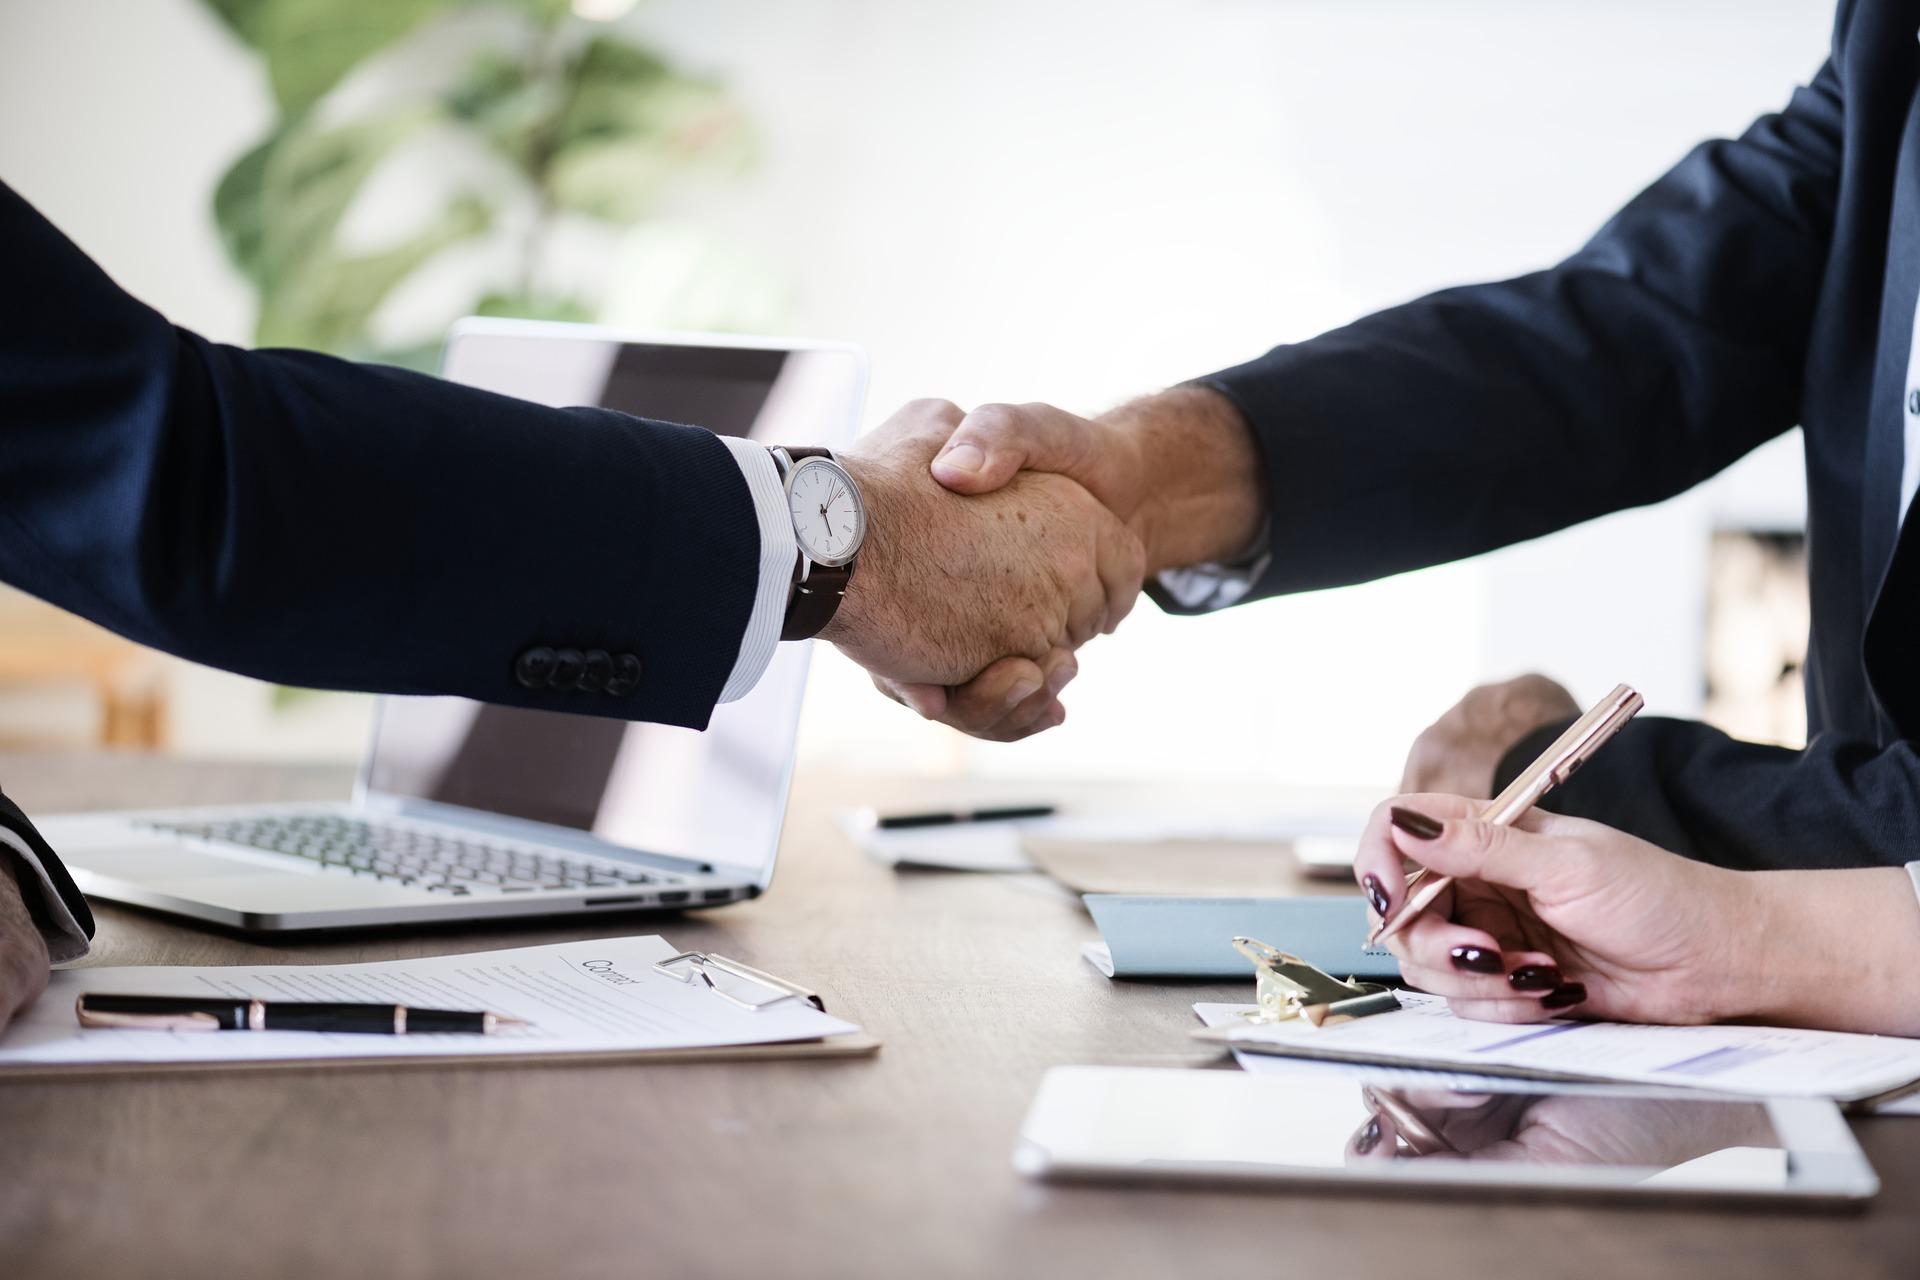 Diferencias entre divorcio contencioso y divorcio de mutuo acuerdo